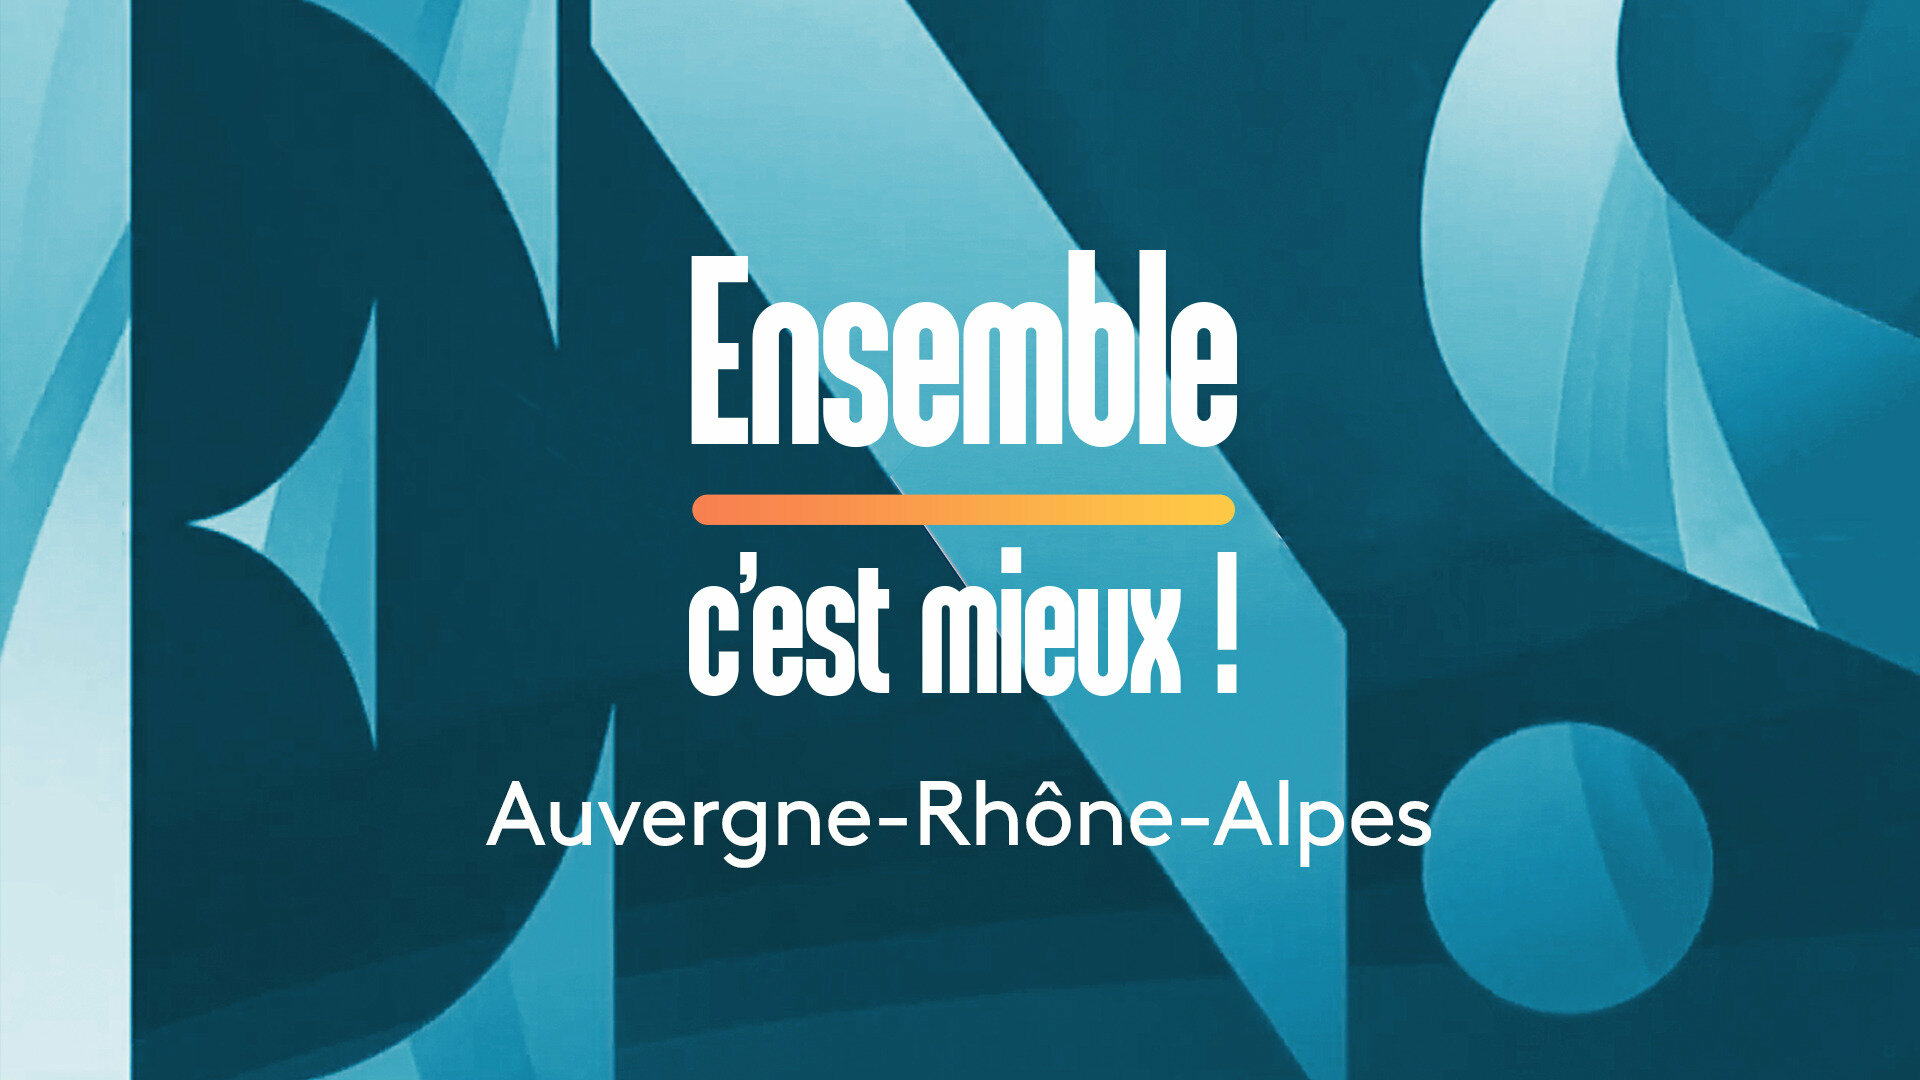 Ensemble c'est mieux ! Alpes-Auvergne-Rhône-Alpes